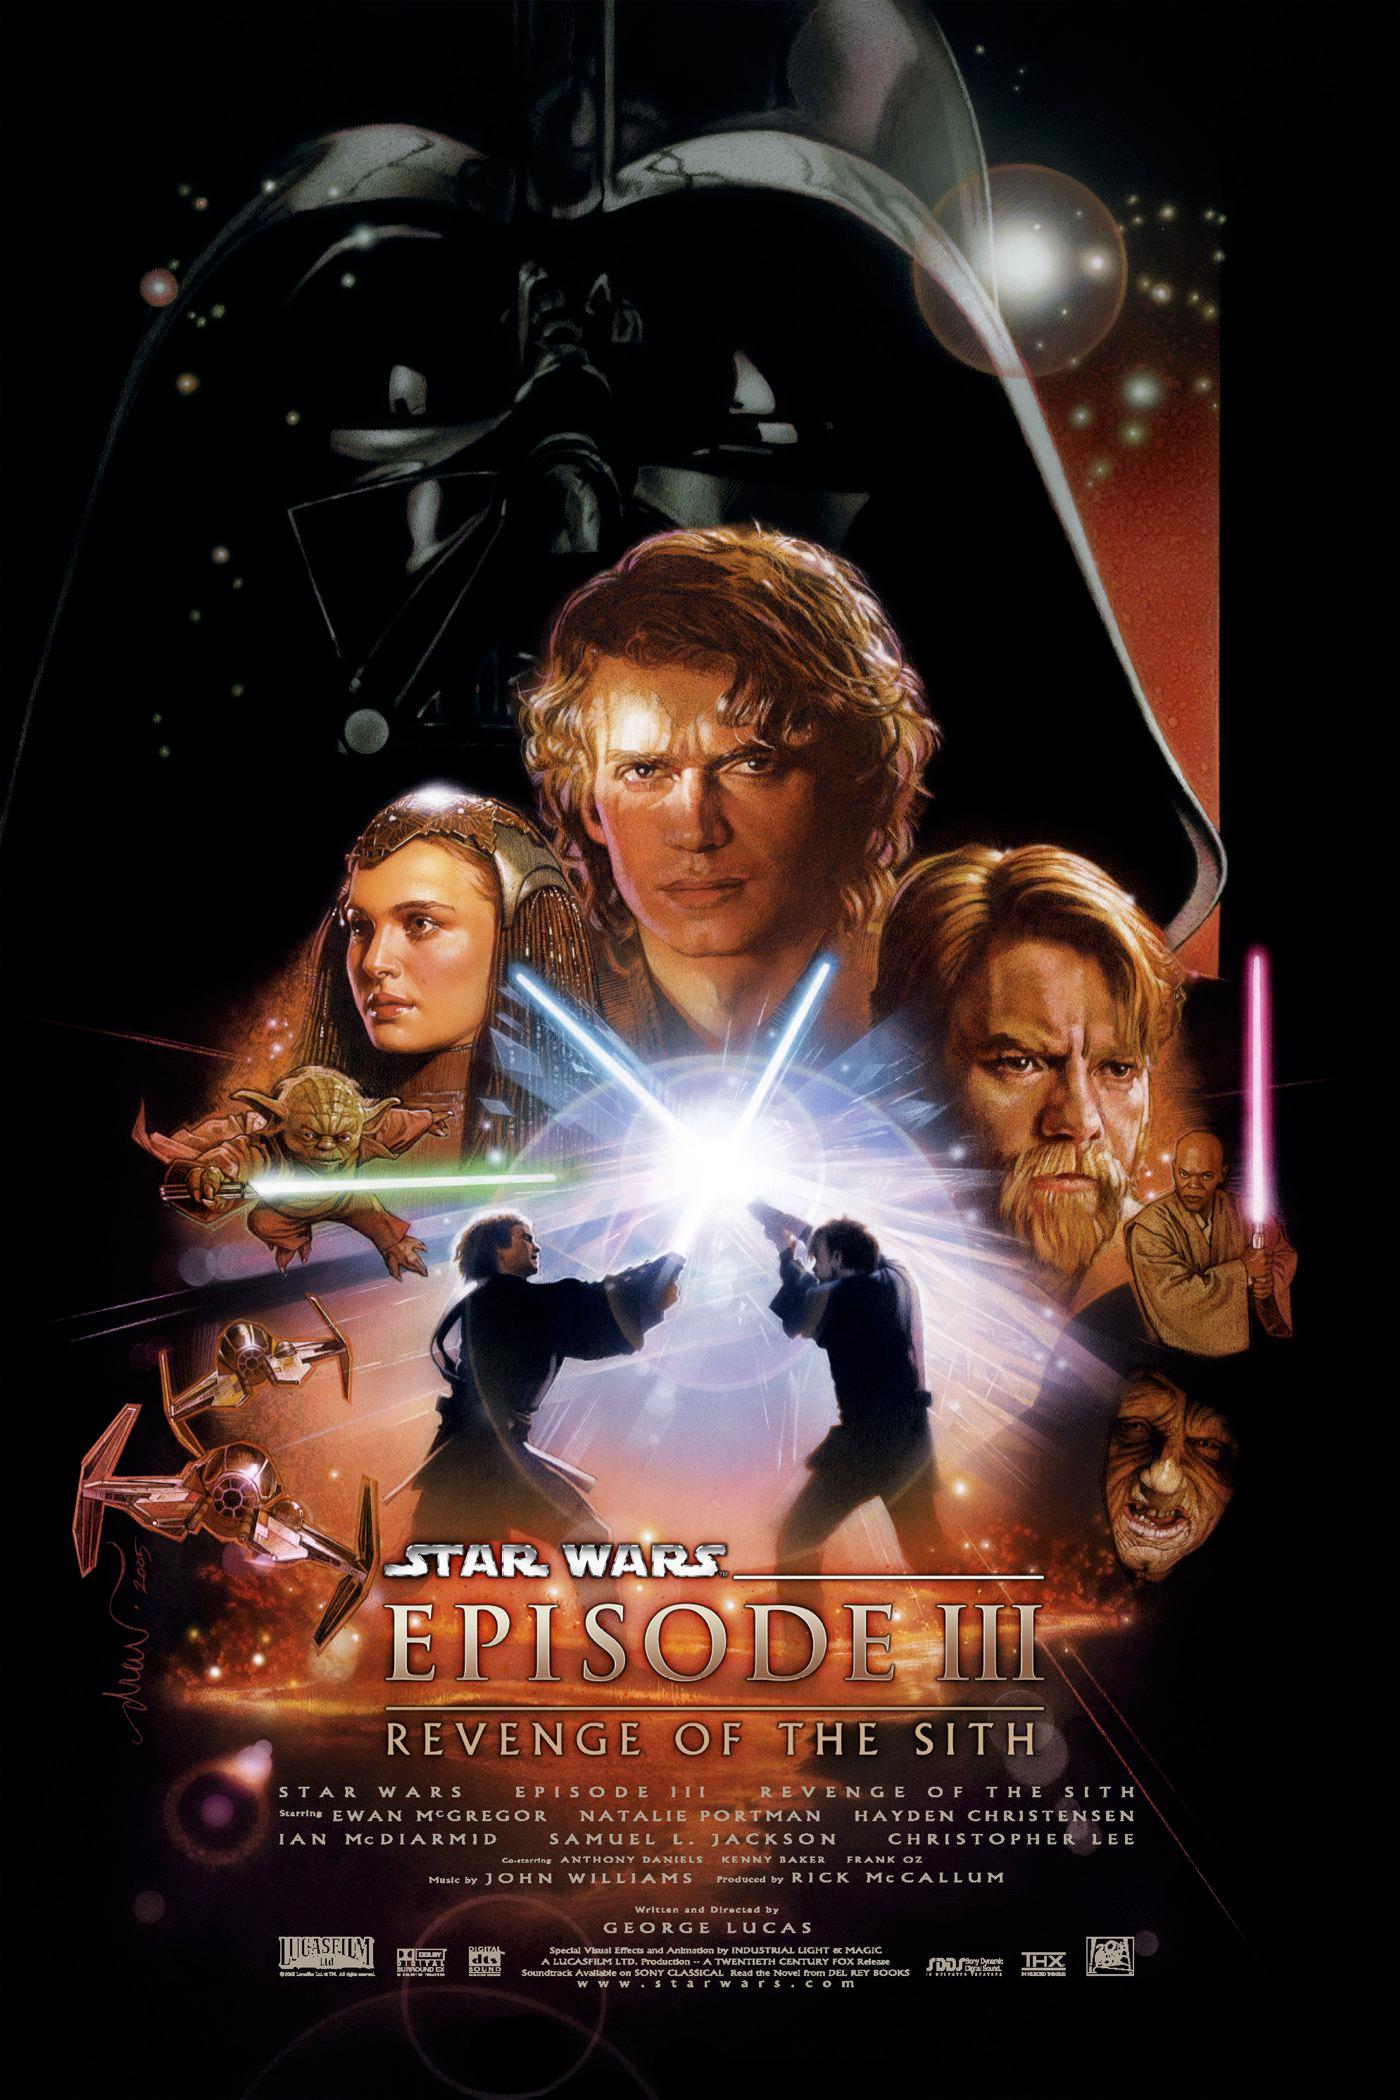 Star Wars Episode Iii Revenge